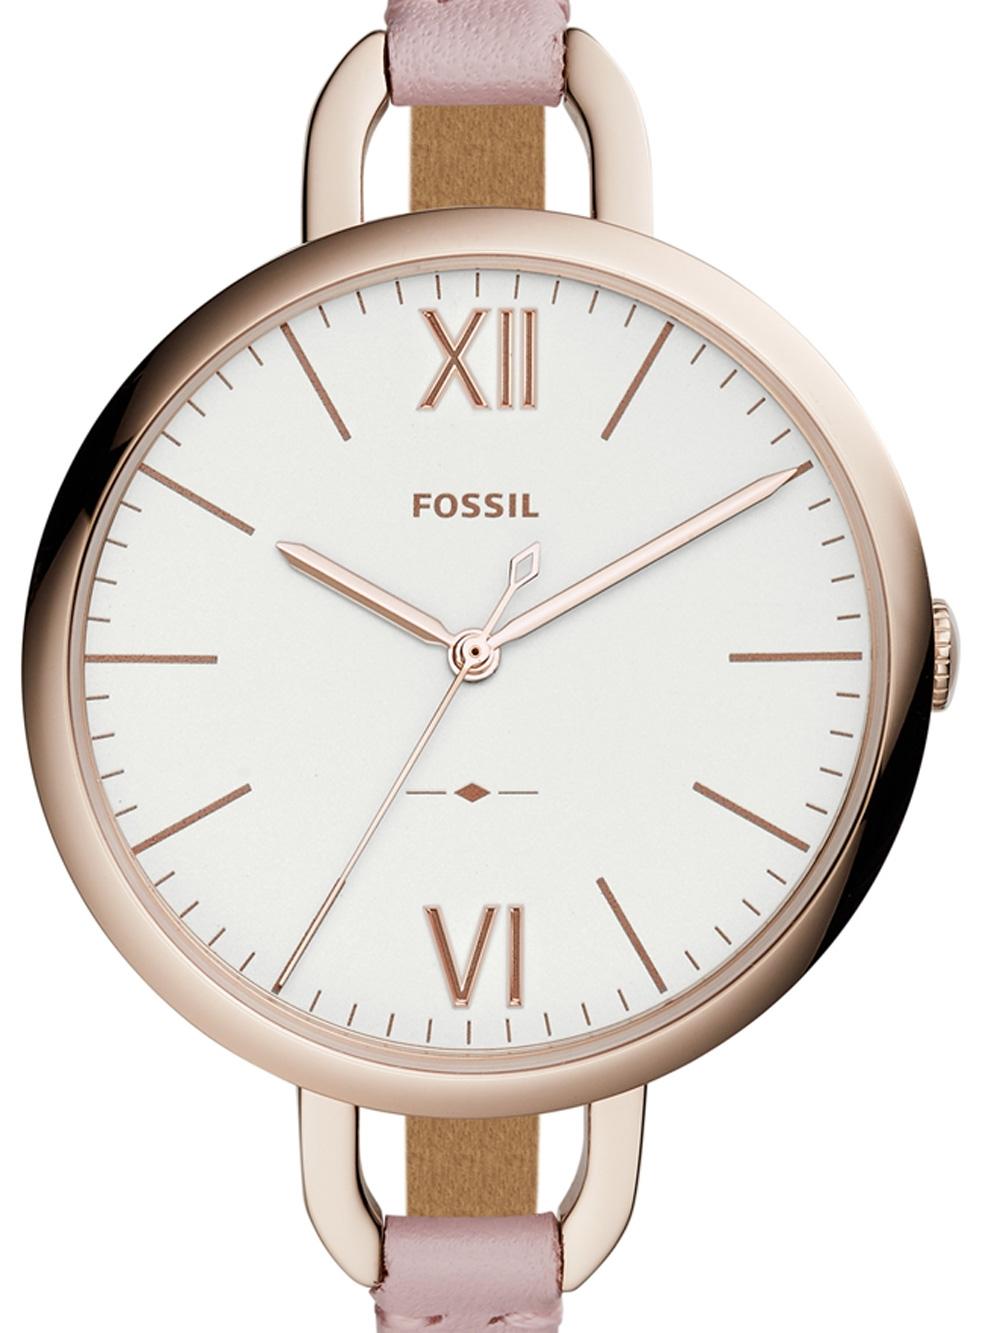 Fossil ES4356 Annette Damen 35mm 3ATM